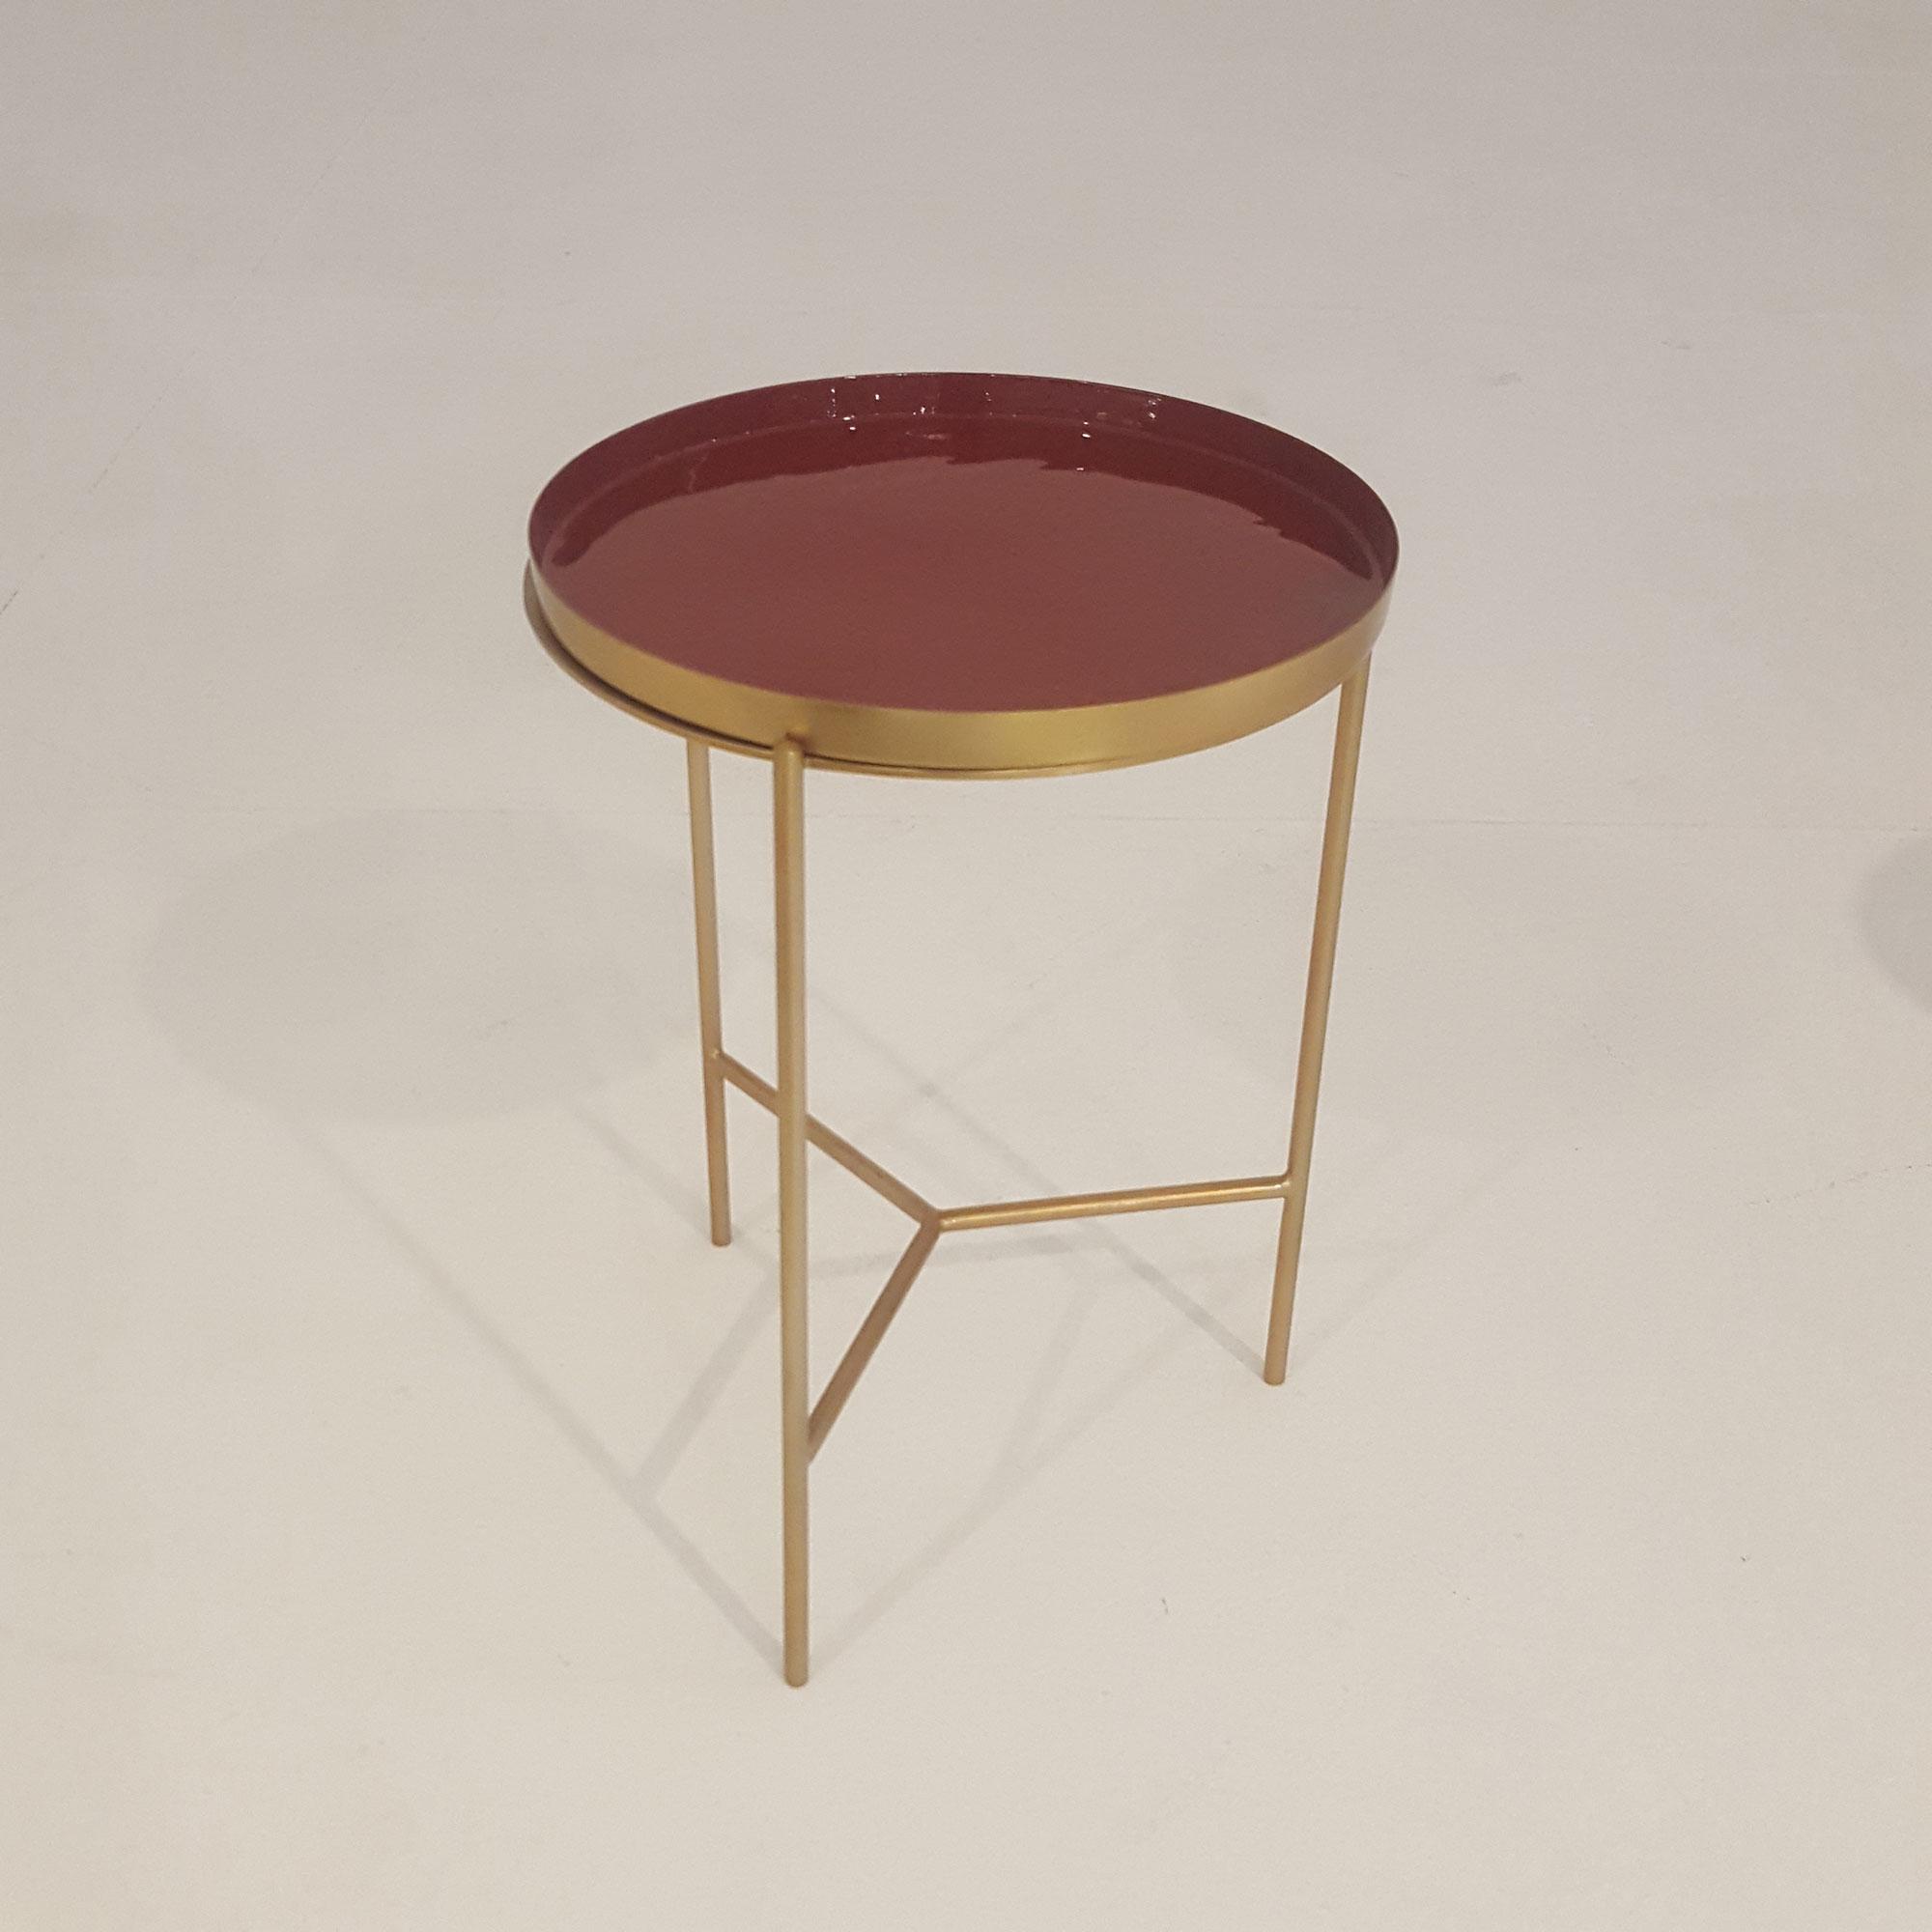 laforma Laforma naoko bakkebord - guld/rødbrun metal/emalje, rund (ø31) på boboonline.dk